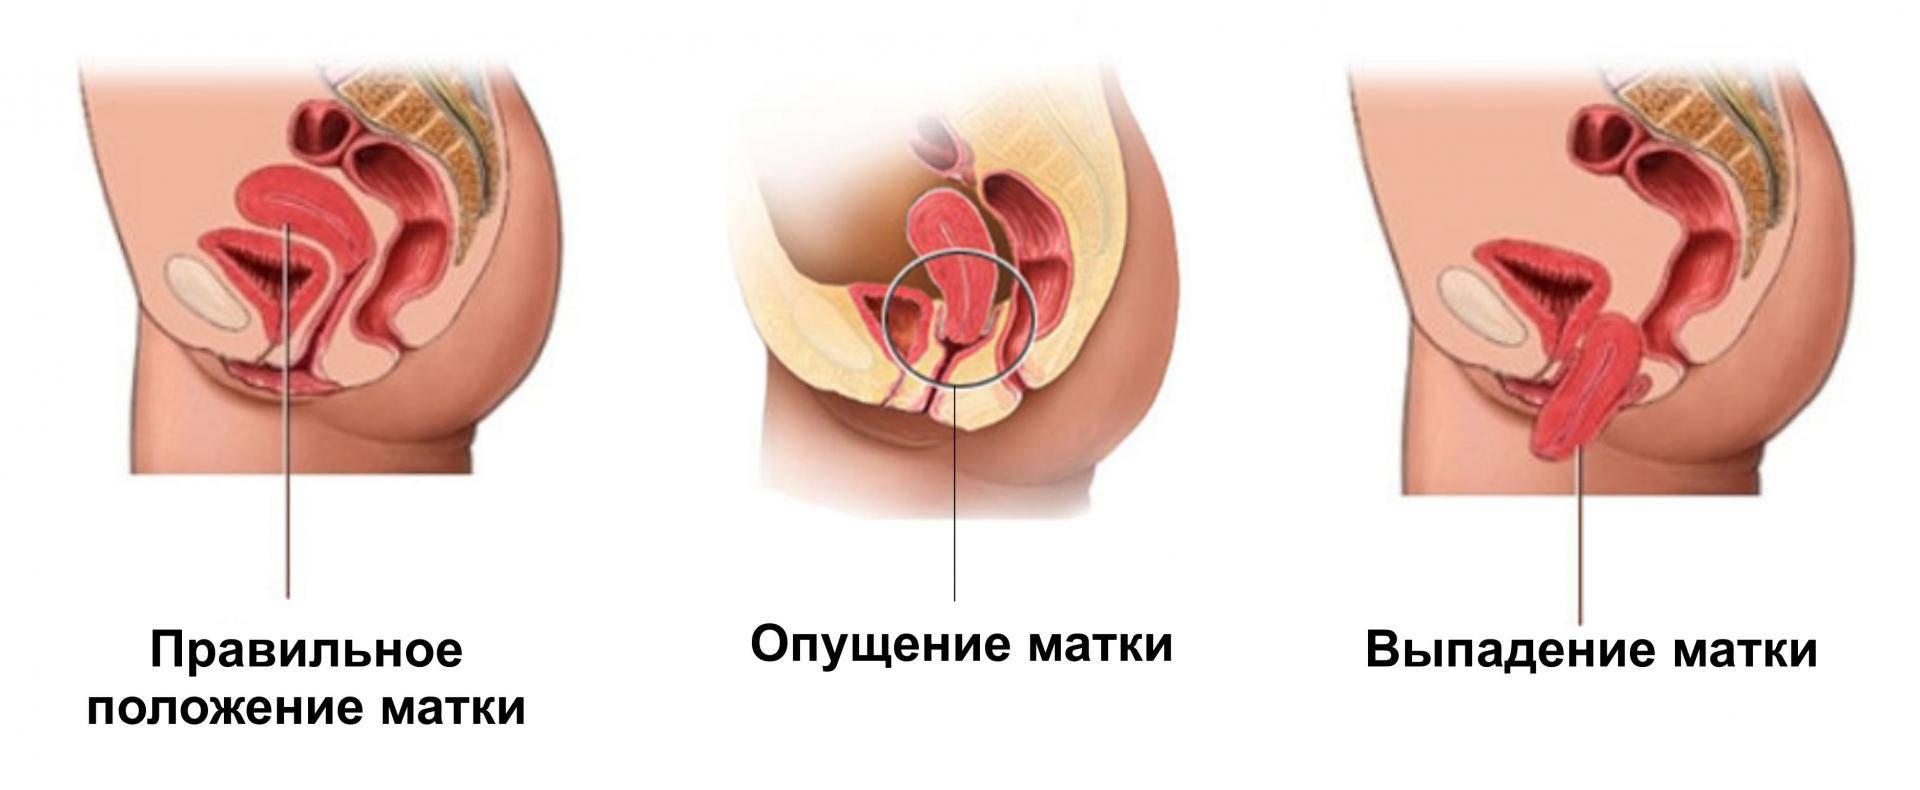 Диагностика и лечение послеродовой субинволюции матки